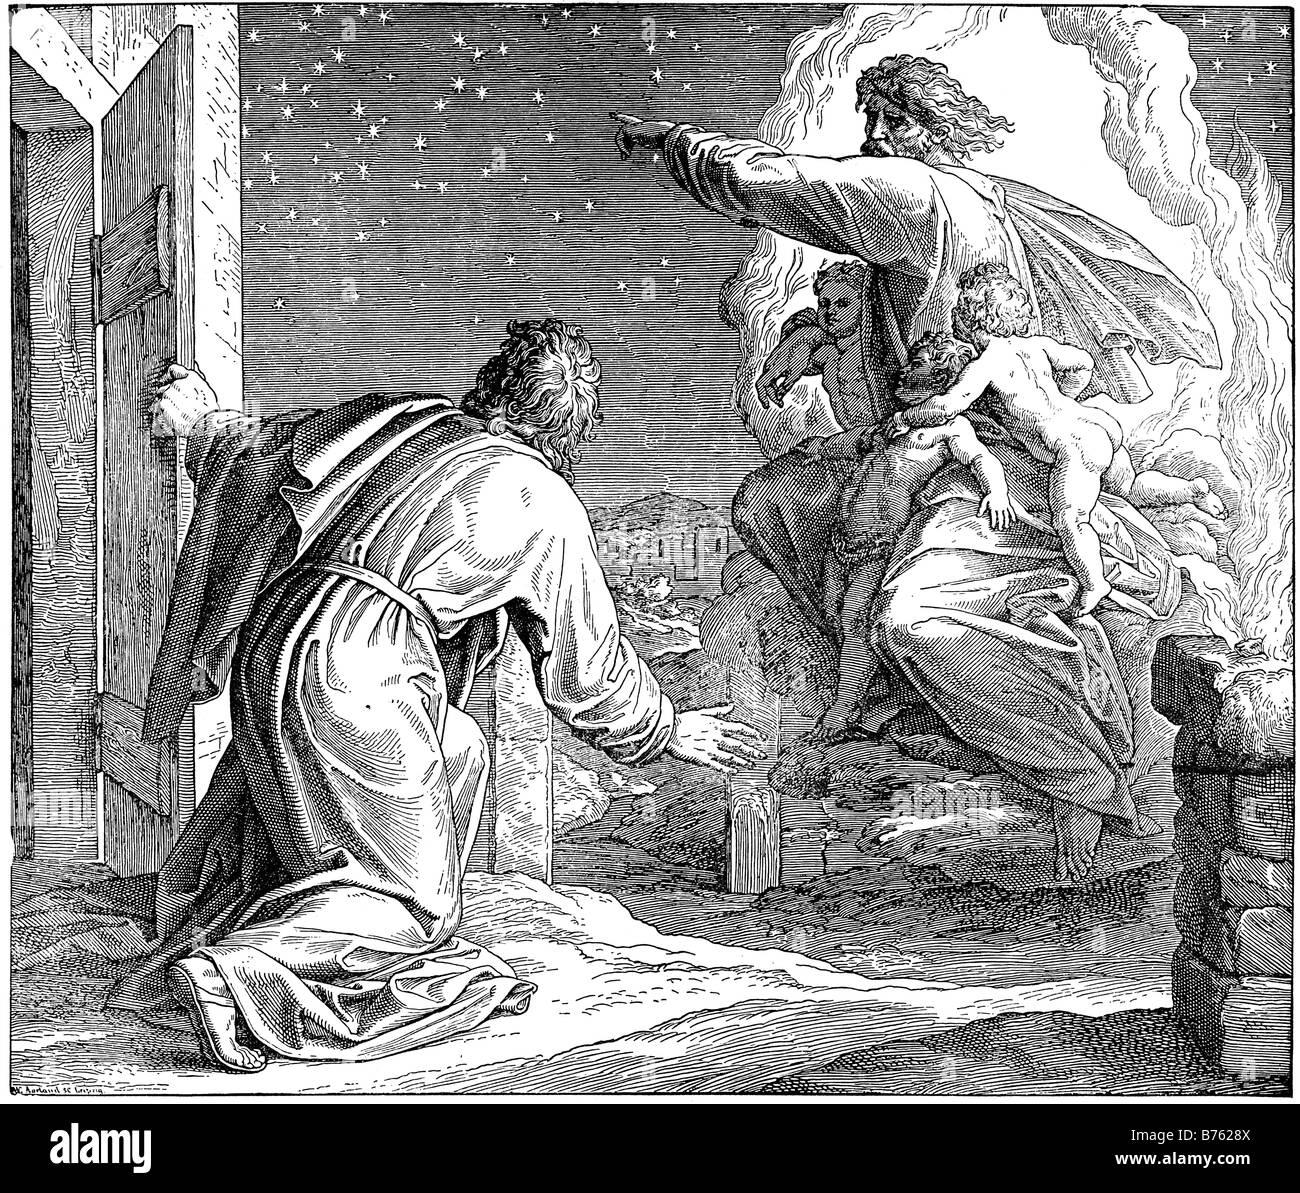 Gods promise to Abraham - Stock Image